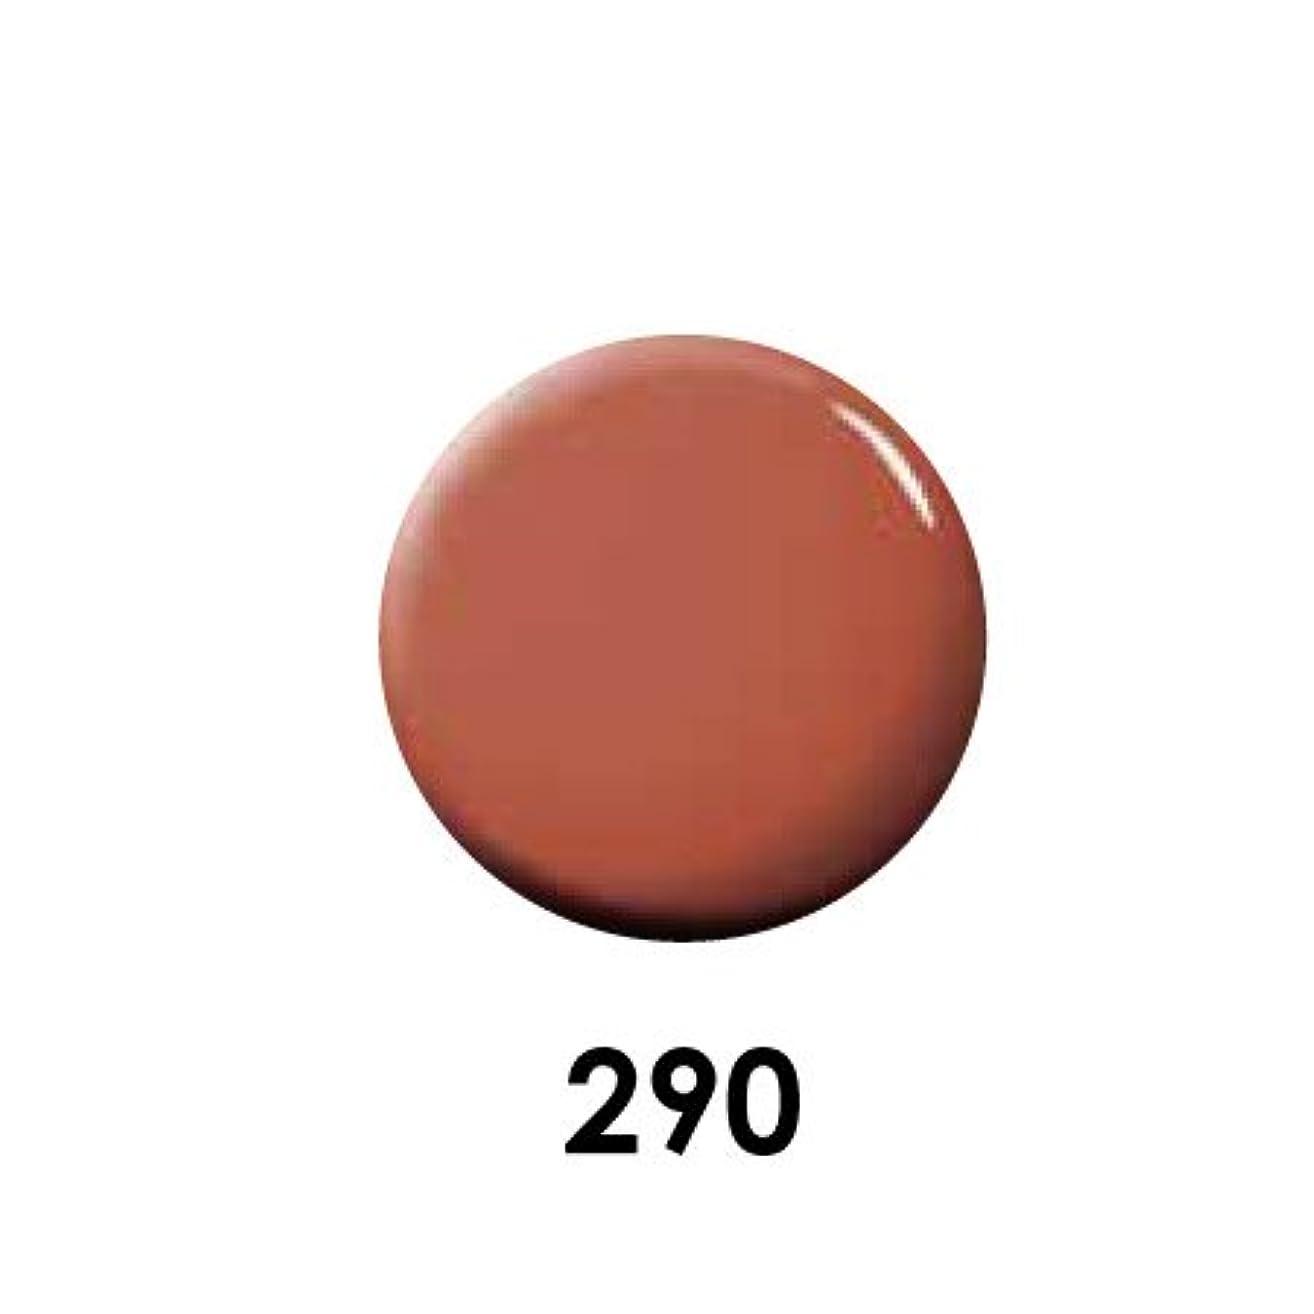 散逸広く組み合わせるPutiel プティール カラージェル 290 レッドソイル 2g (MARIEプロデュース)